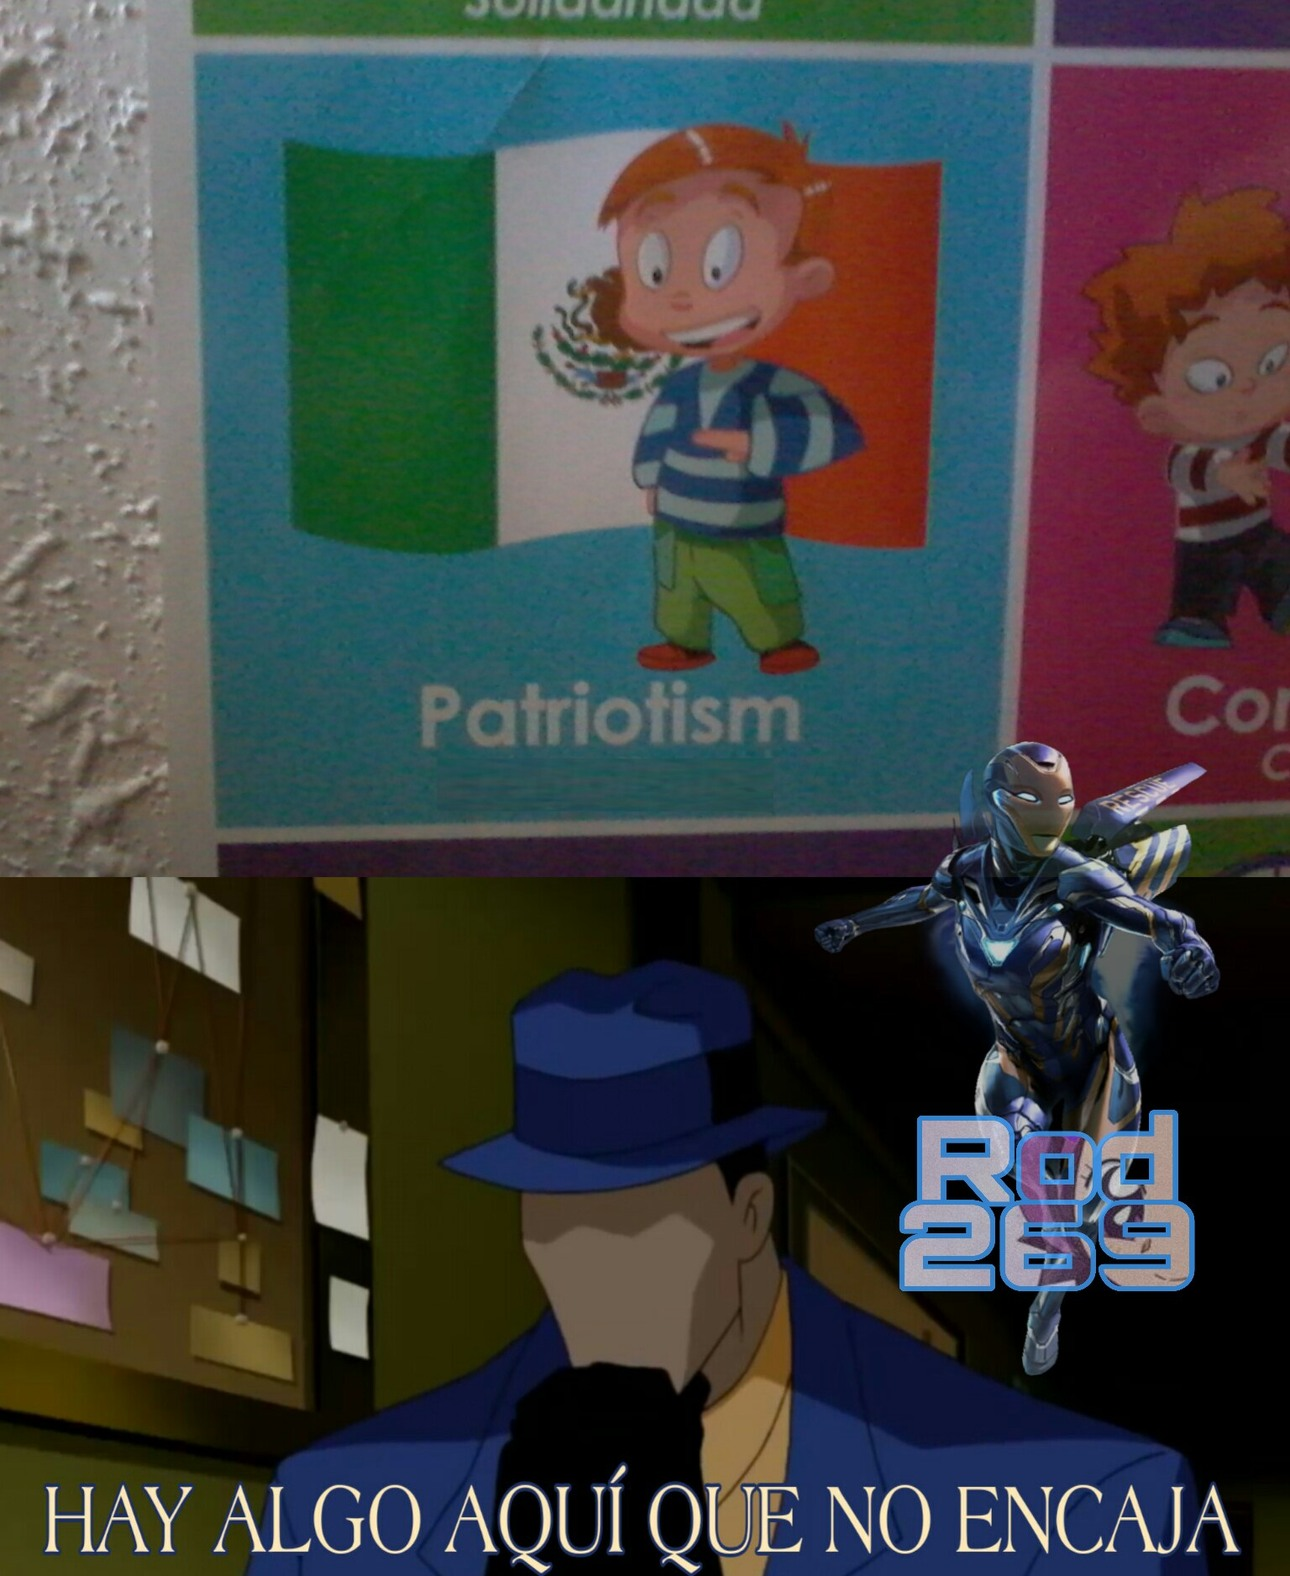 Mi Primo Tenía En Su Cuarto Este Poster Que Dice Patriotismo Mexicano En Inglés - meme